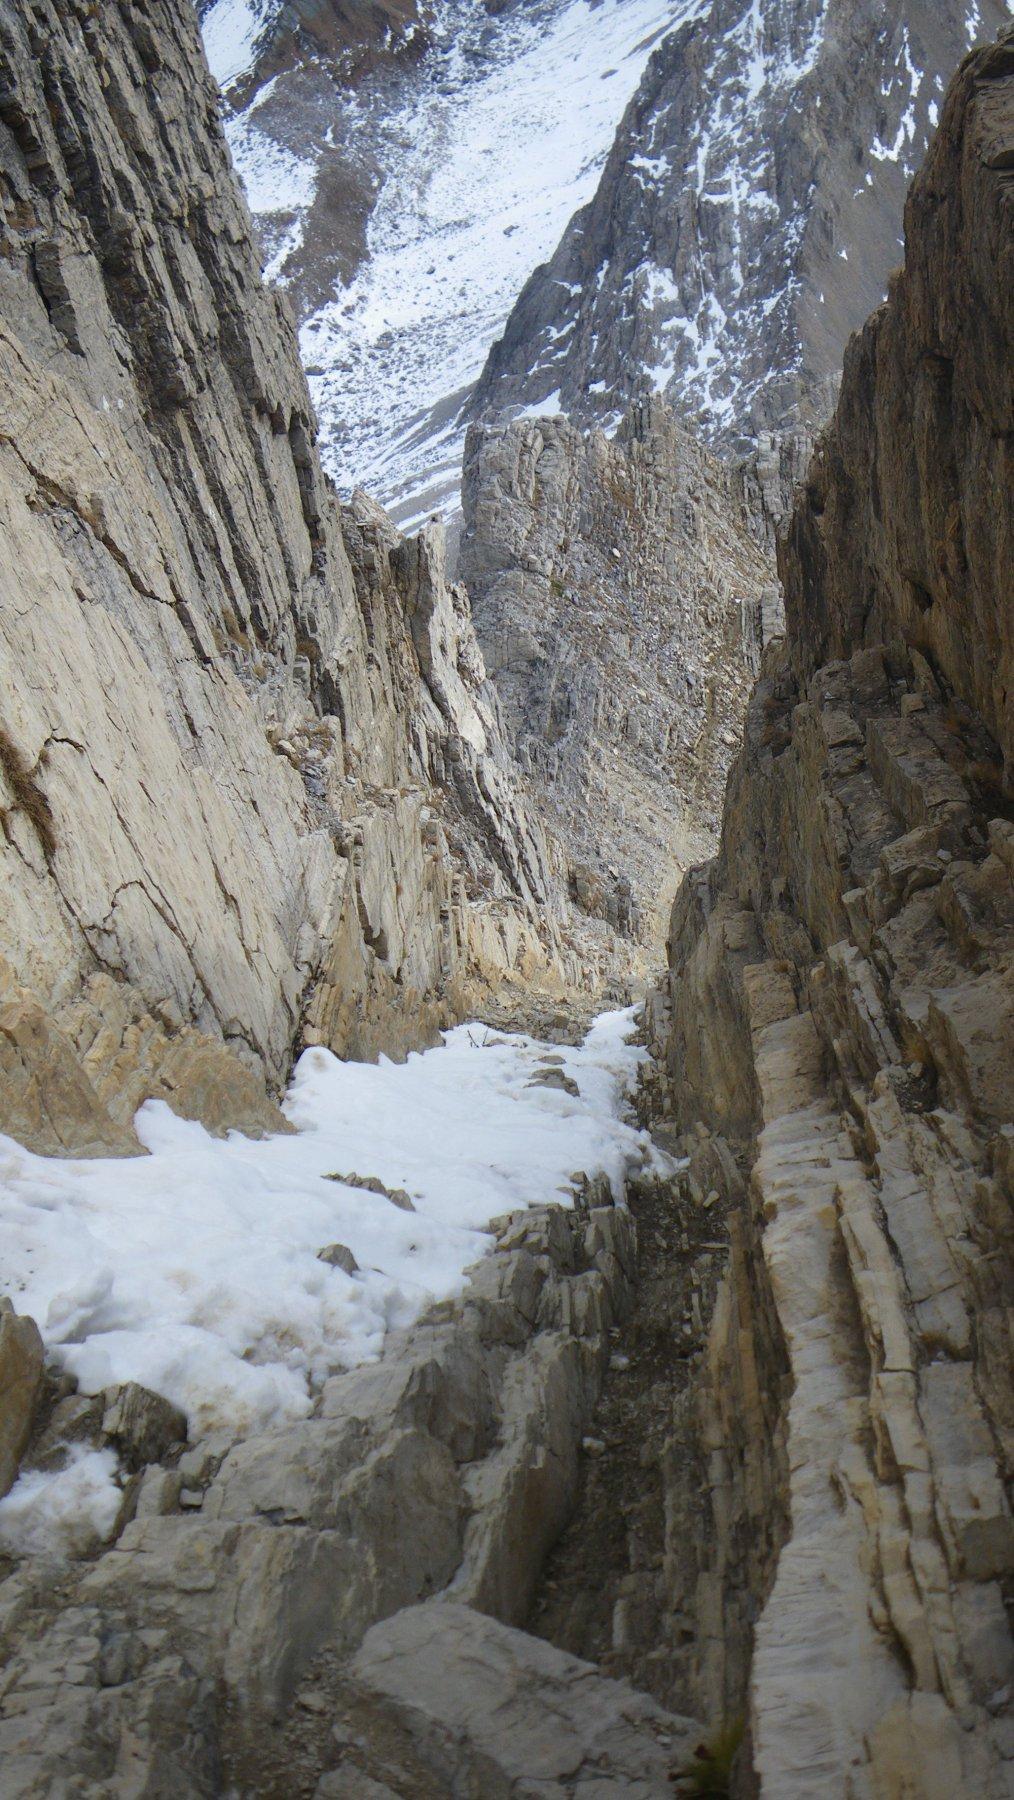 Innevamento canalino: si vedono i gradinamenti e possibilità negli ultime metri di uscire sulla roccia